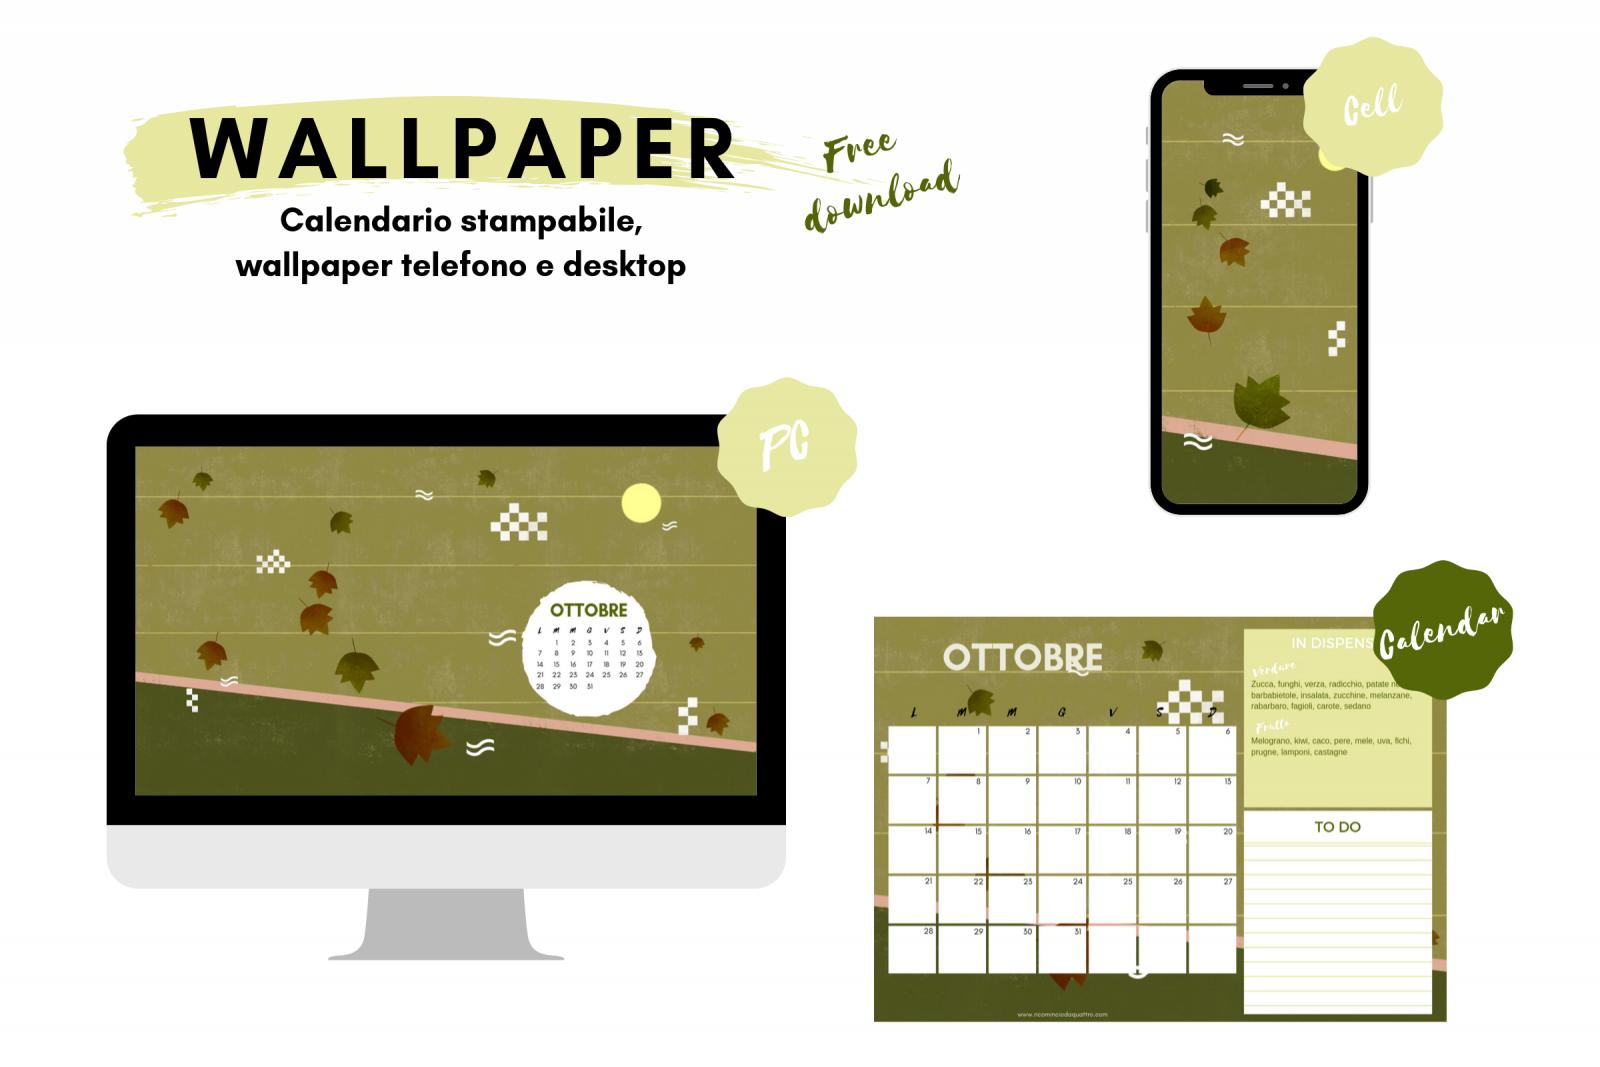 Wallpaper. Sfondi gratuiti per pc, tablet, smartphone e il calendario stampabile di ottobre.